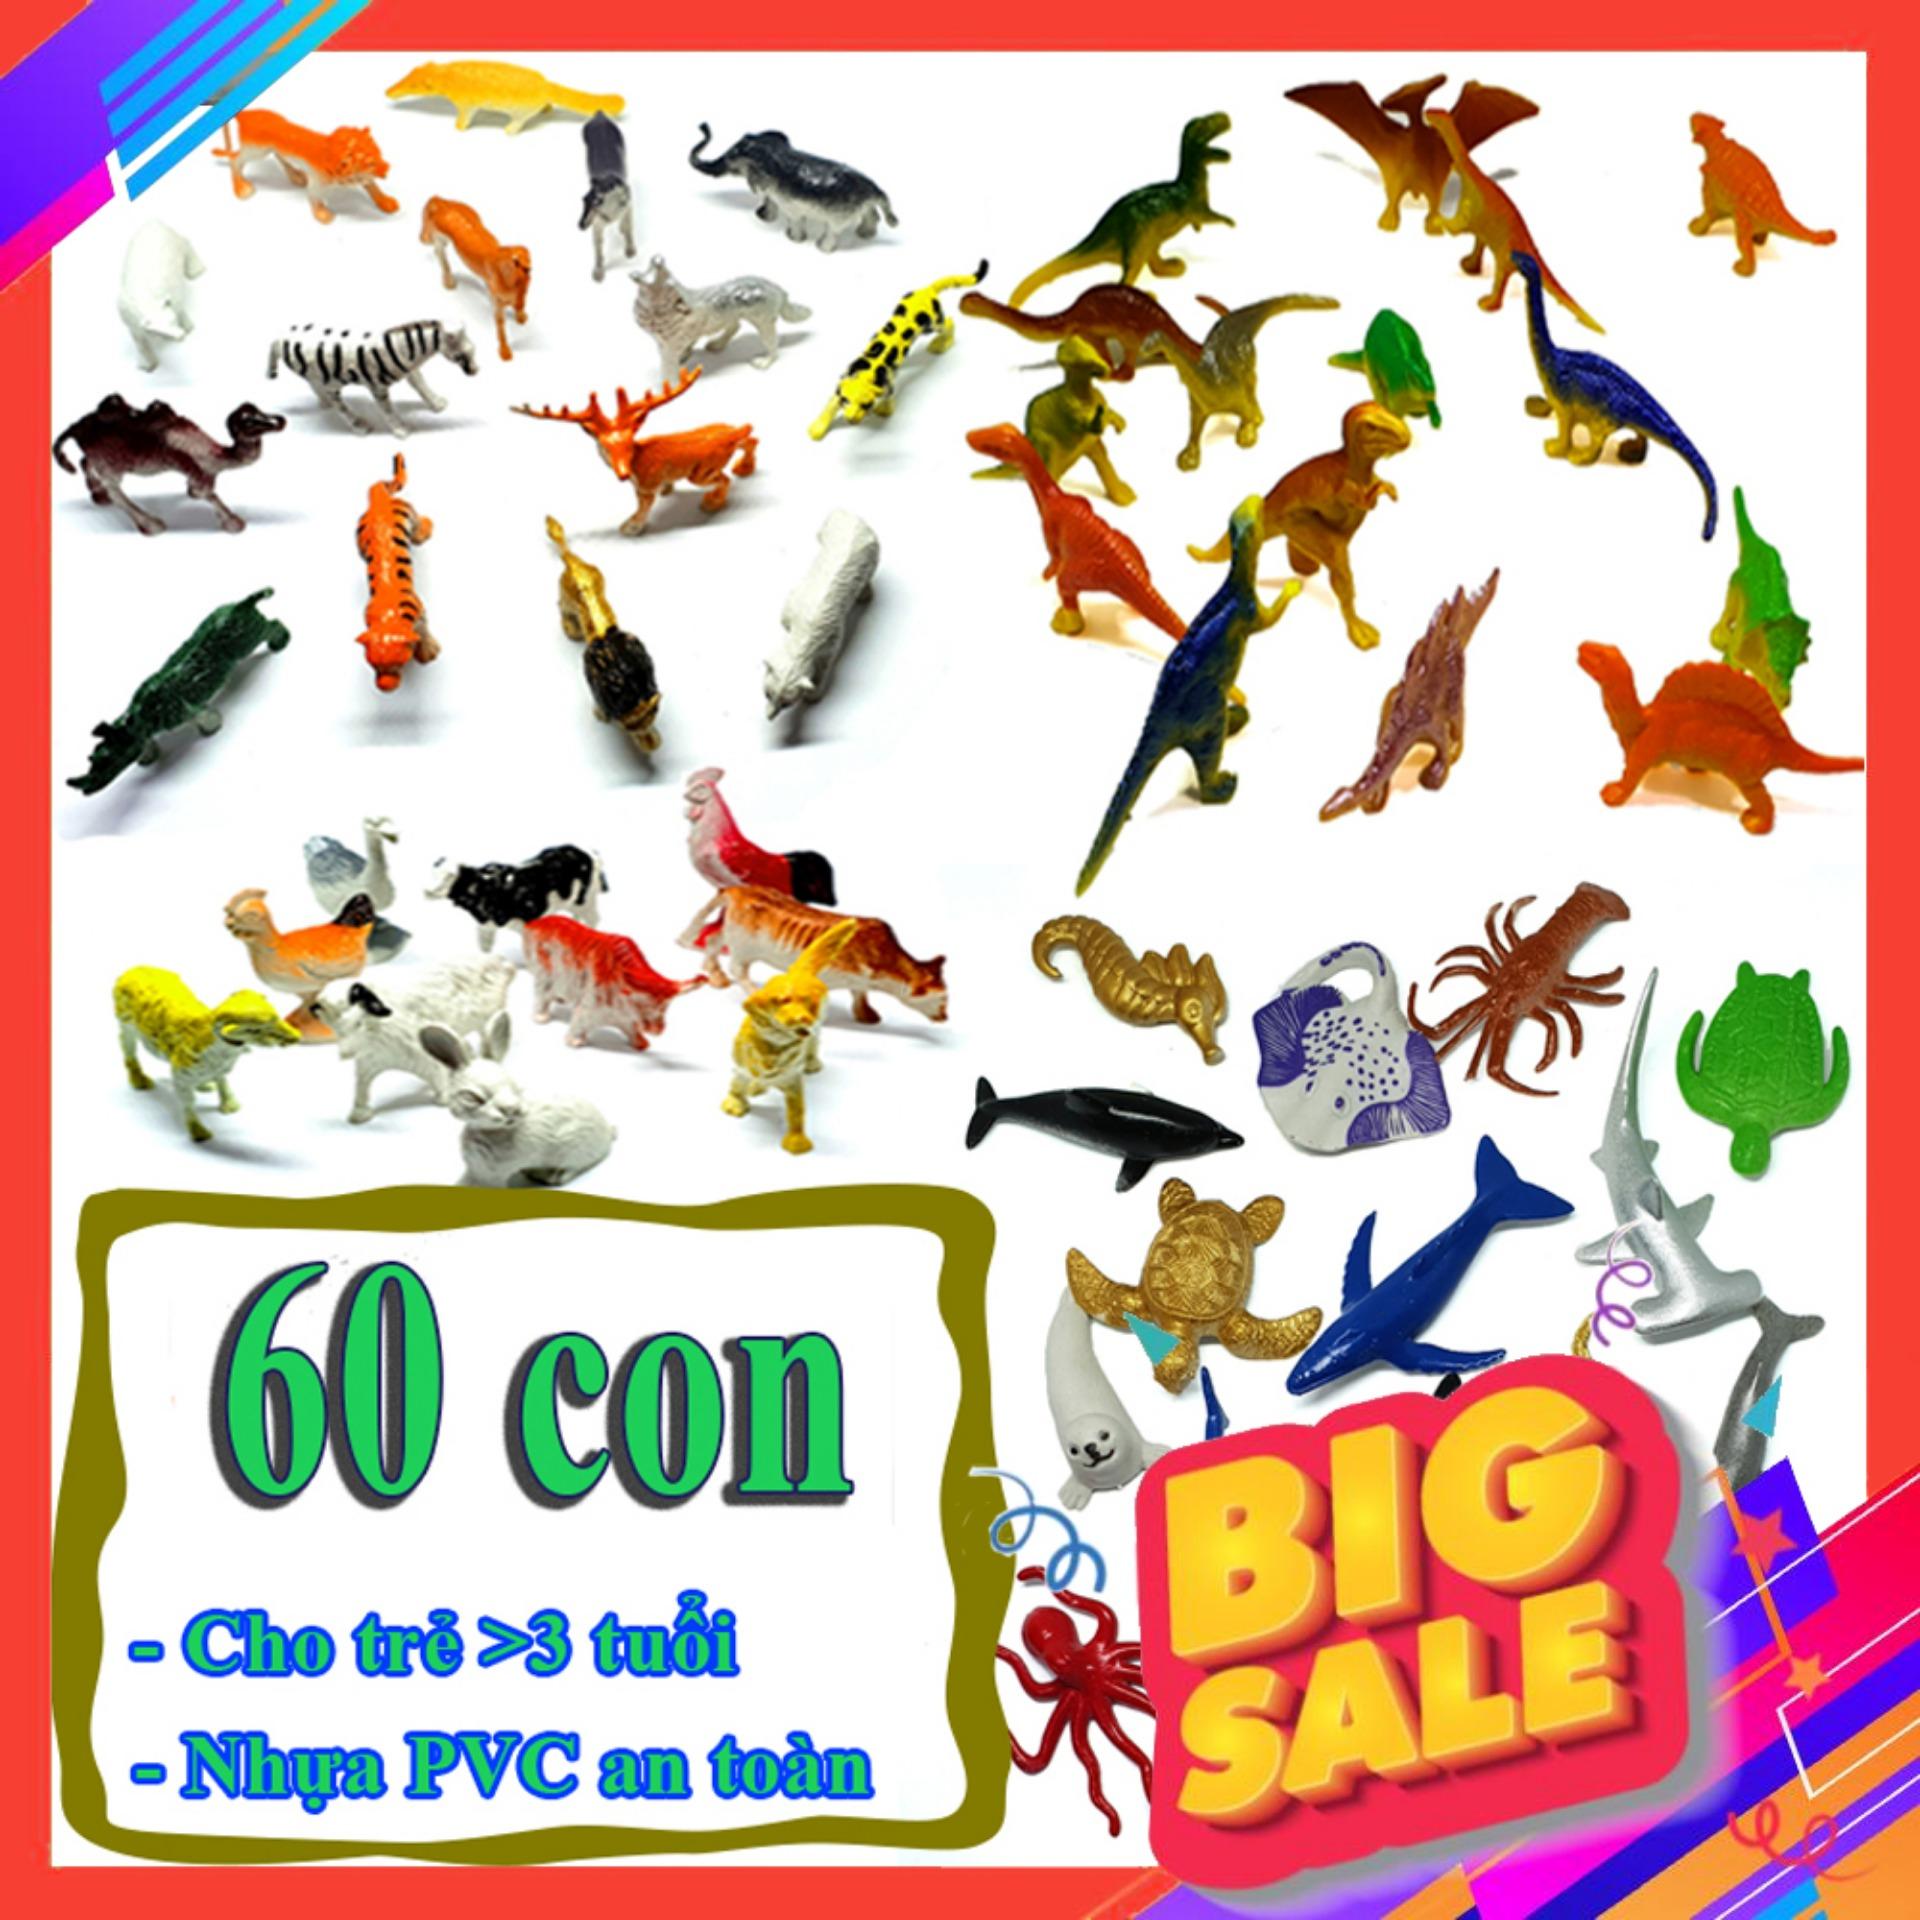 Mô Hình đồ Chơi 60 Chi Tiết Animal Dinosaur Sea World Nhựa PVC An Toàn - New4all Cùng Giá Khuyến Mãi Hot